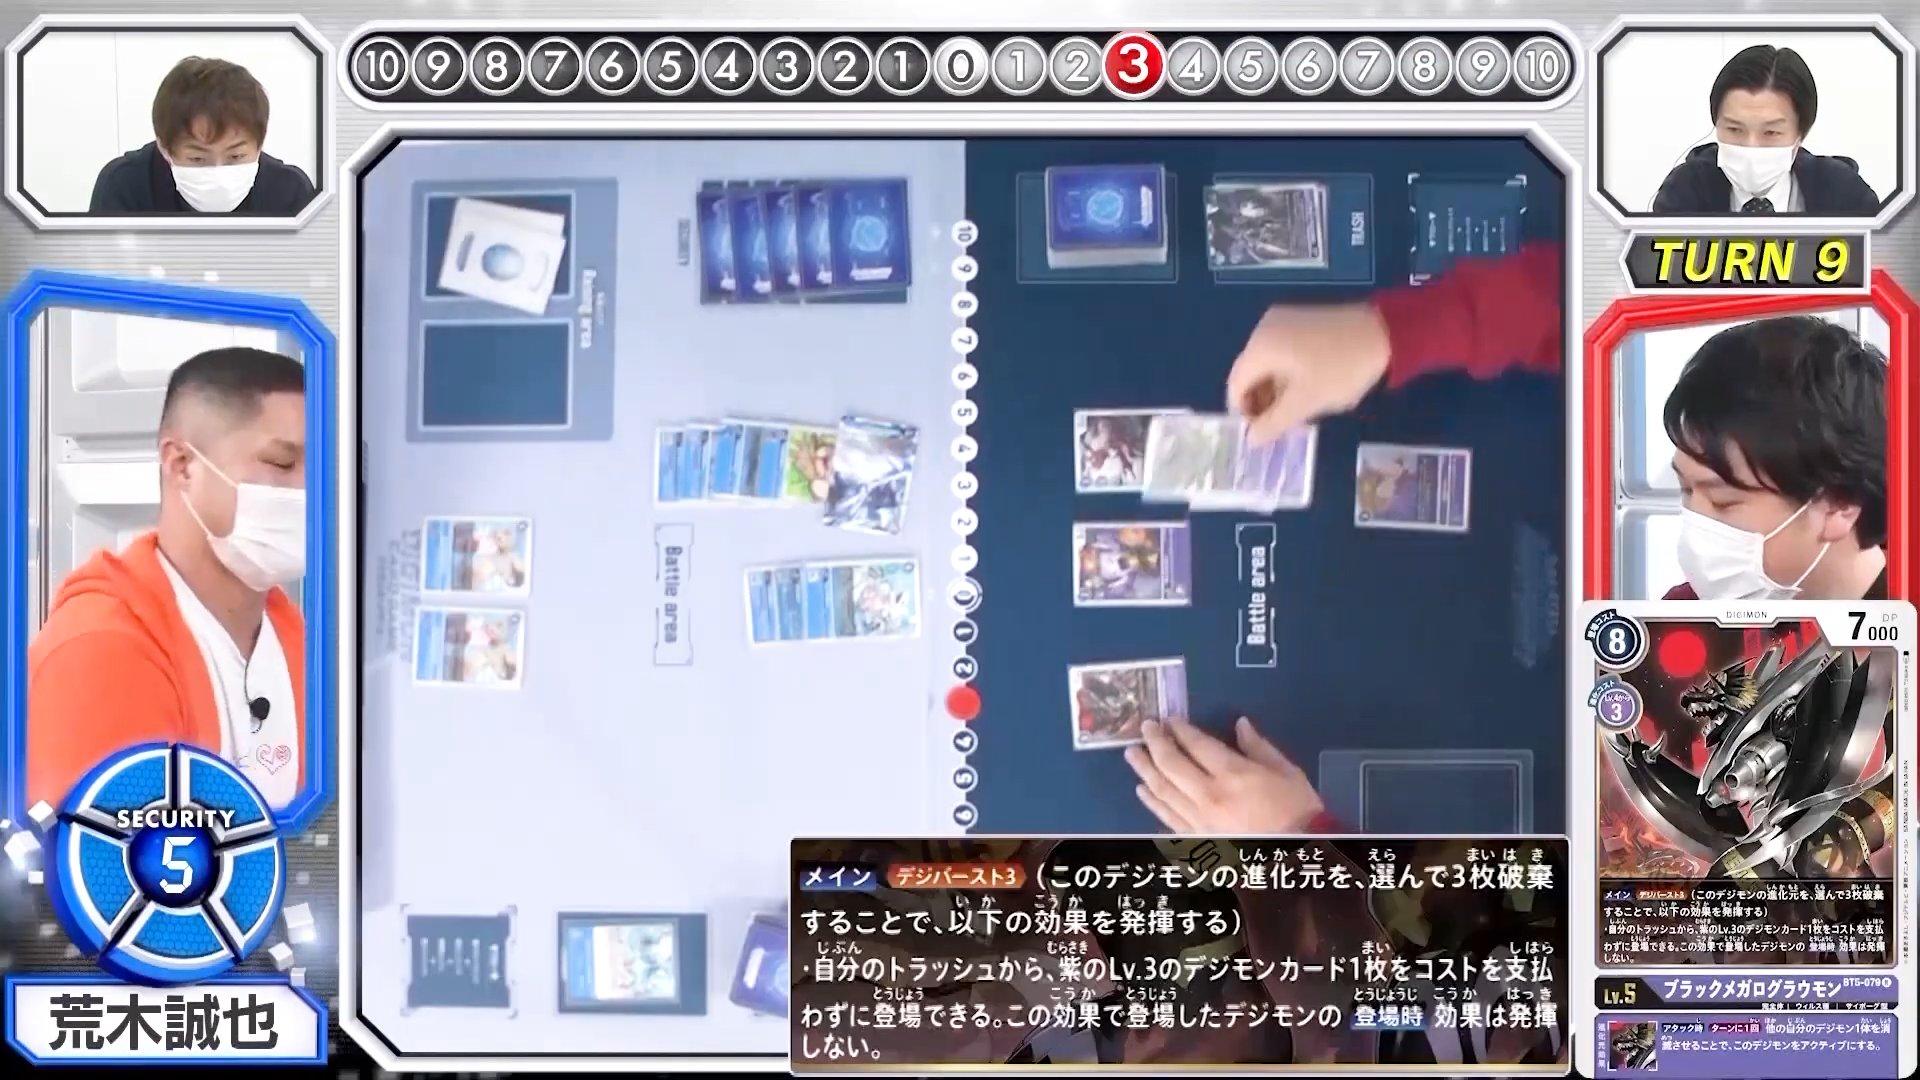 digimoncardbattle_v2_20_09_february25_2021.jpg